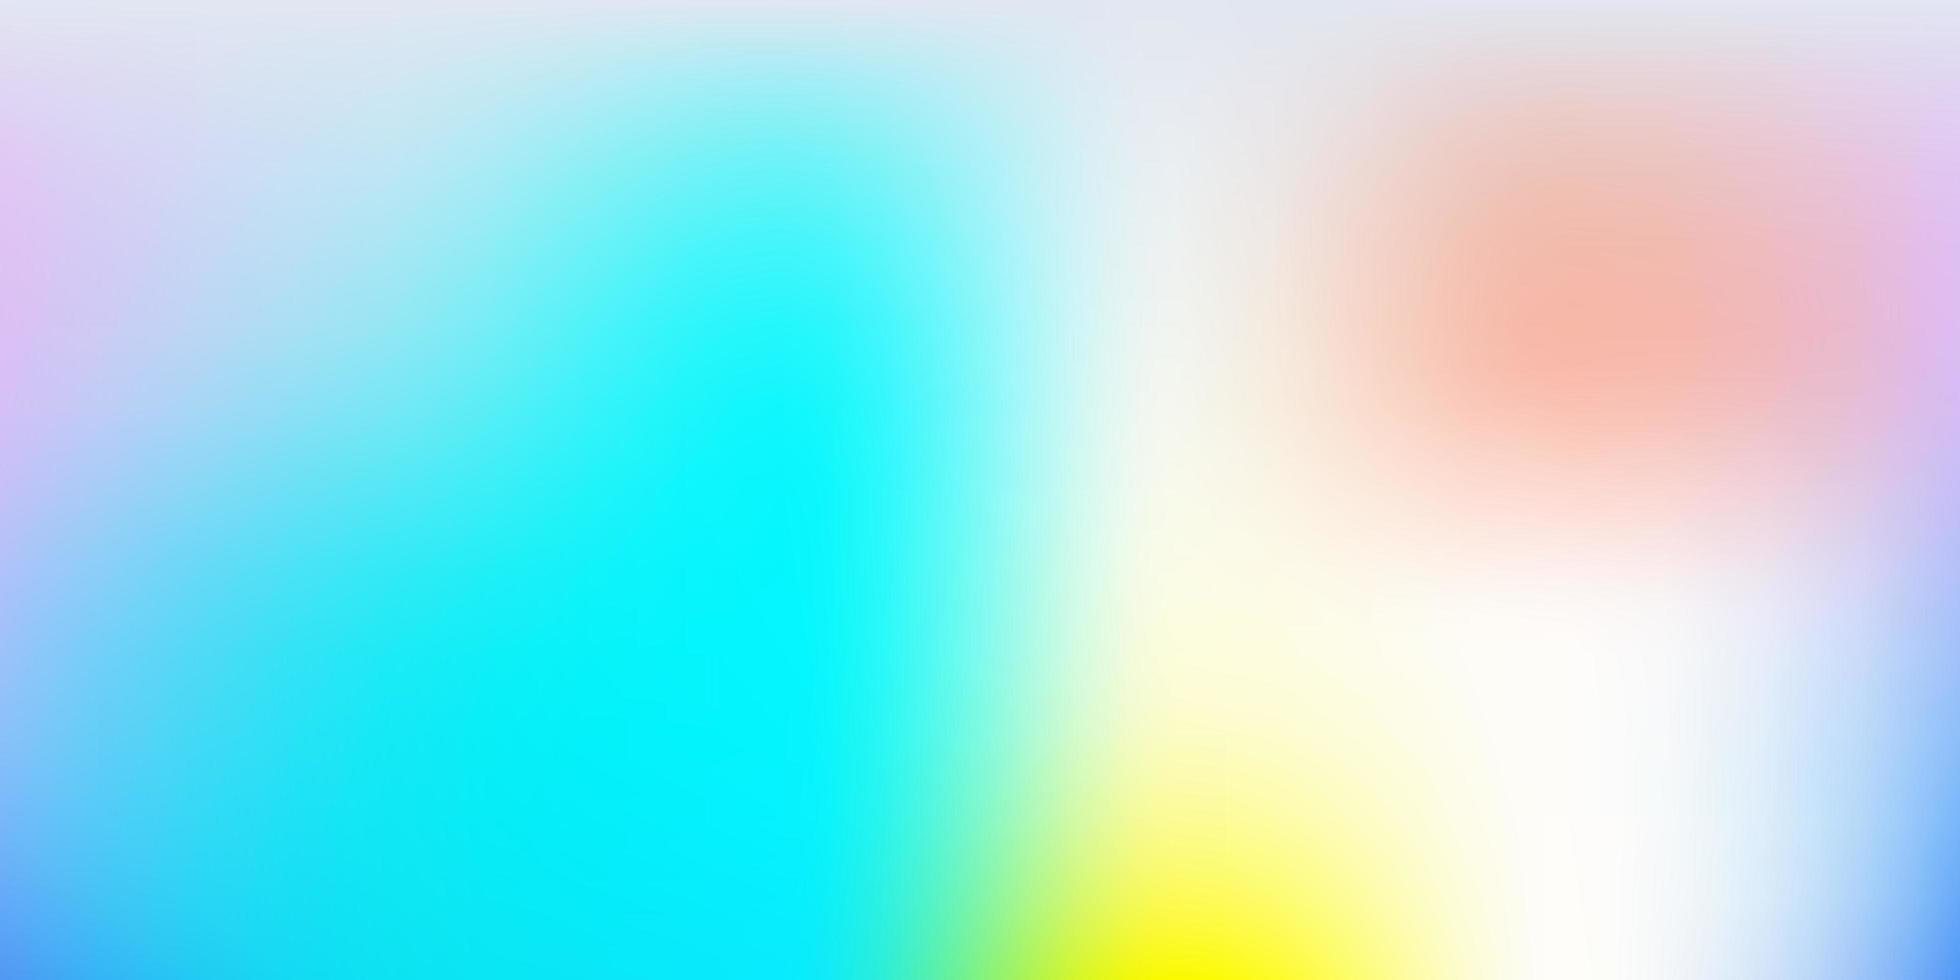 hellblaue und gelbe unscharfe Schablone. vektor